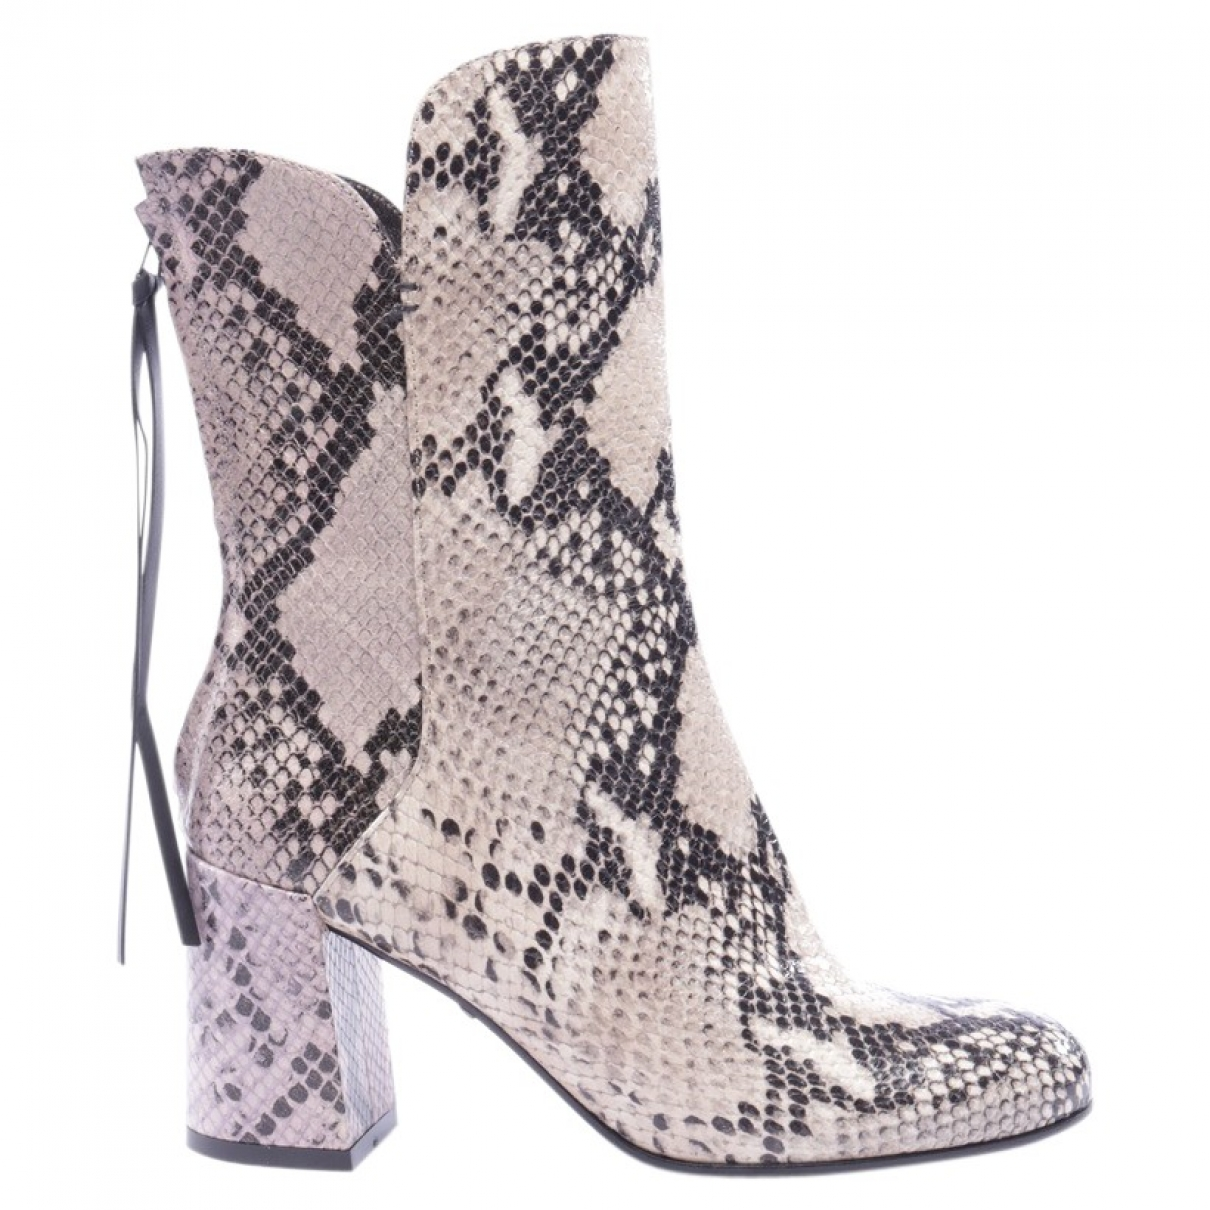 Dorothee Schumacher - Boots   pour femme en cuir - multicolore